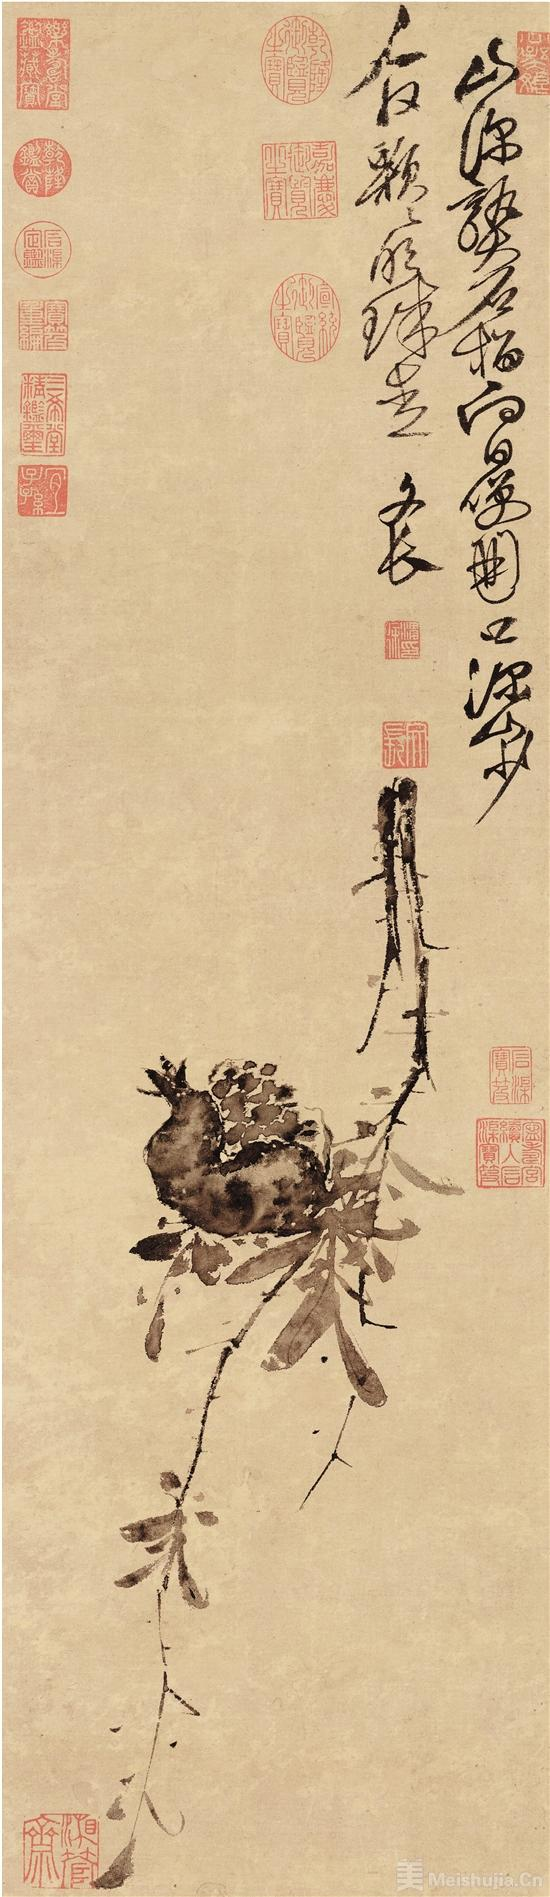 青藤白阳:大小写意画的宗师